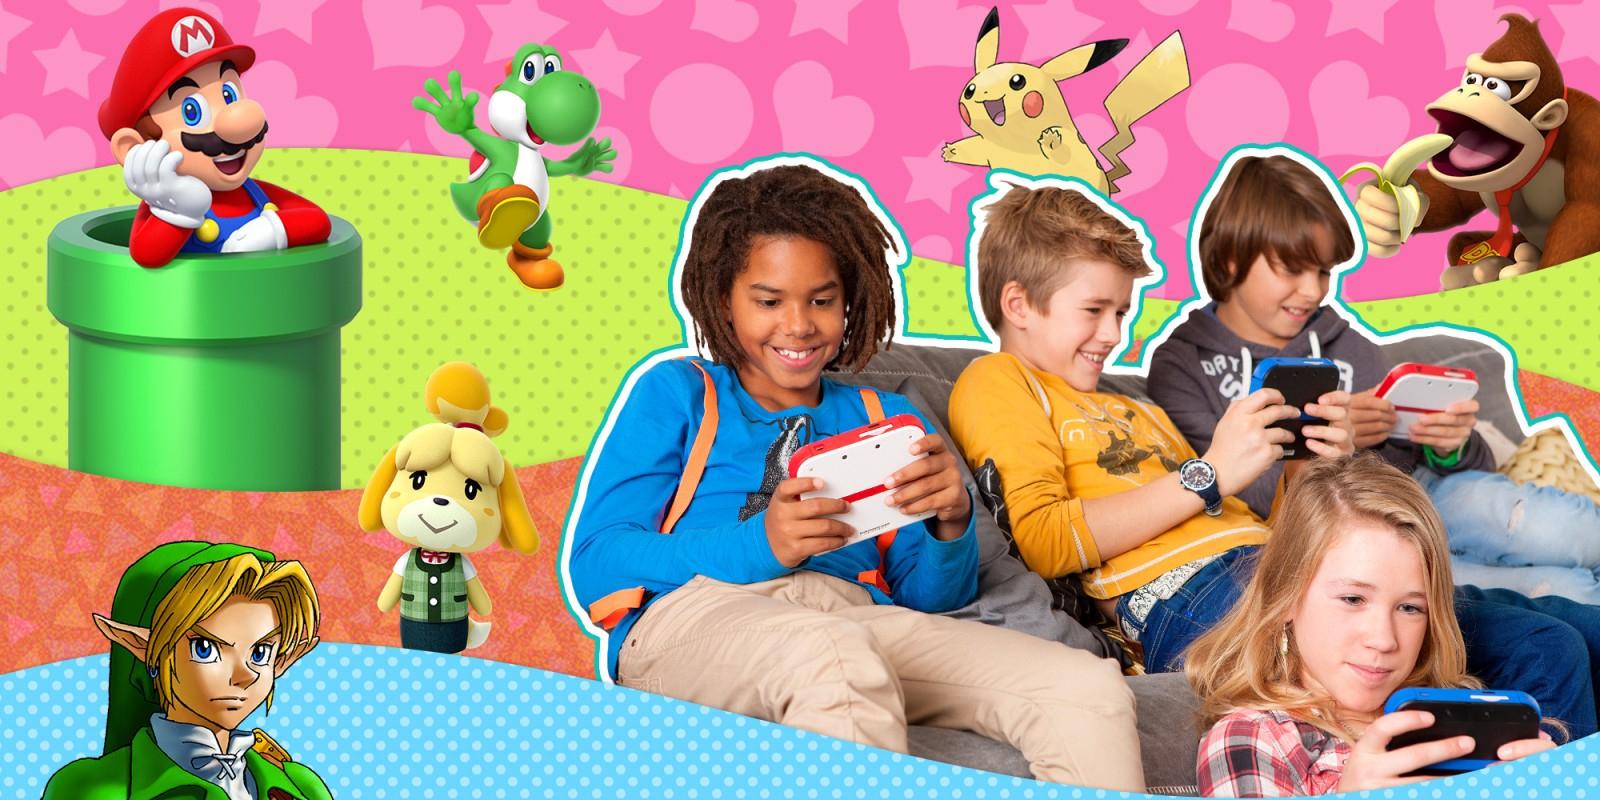 Jeux Nintendo Pour Les Enfants | Nintendo à Jeux Gratuit Garçon 4 Ans